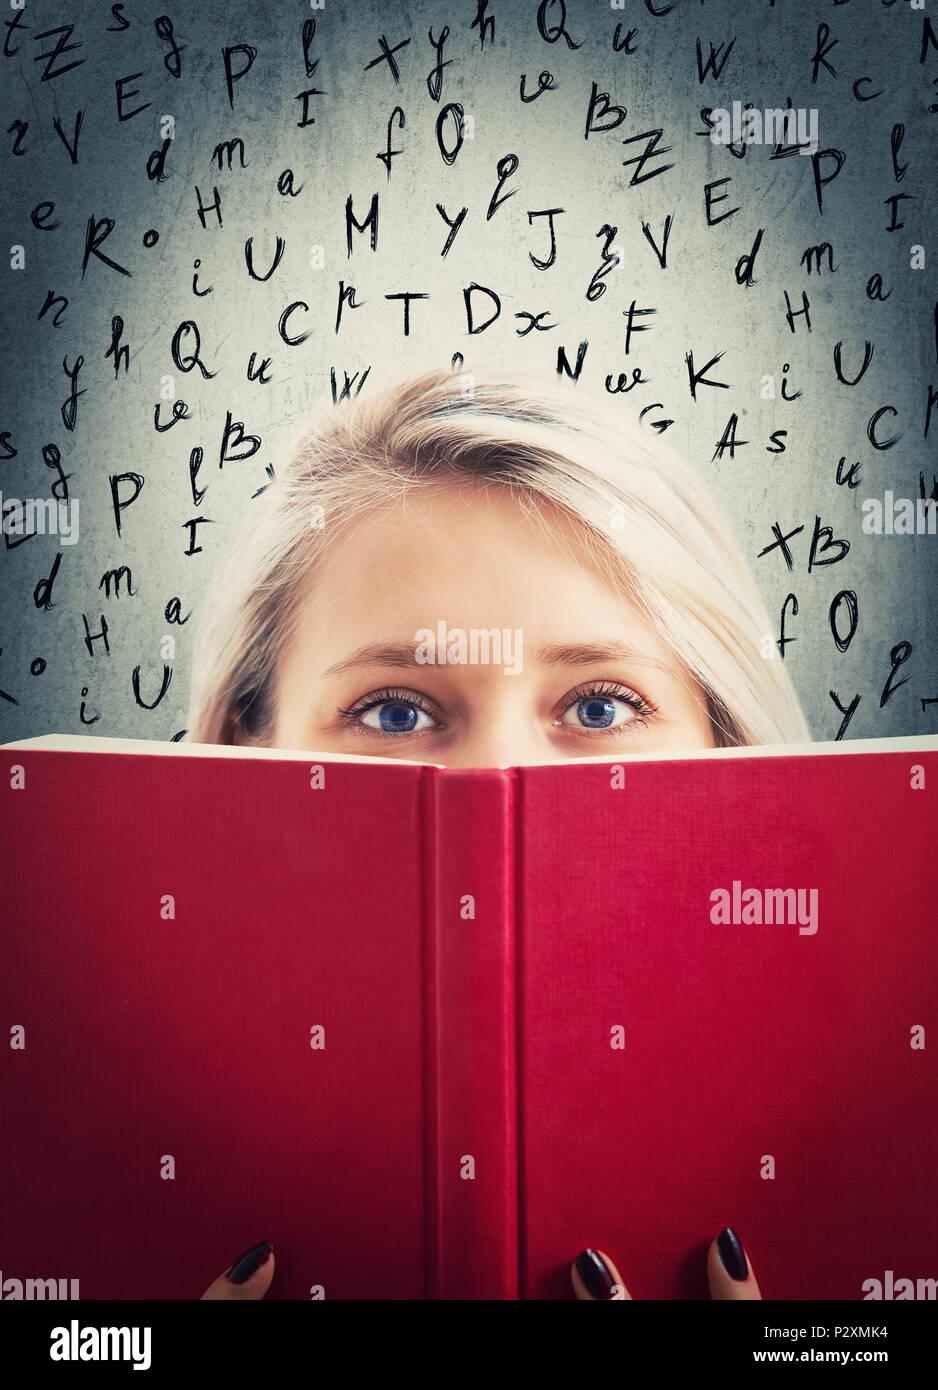 Nahaufnahme, Porträt der hübsche Student Mädchen versteckt sich hinter einem roten geöffnete Buch mit lating Alphabet Buchstaben auf dem Hintergrund. Geheimnisvoll und schüchterne Frau halten Stockbild